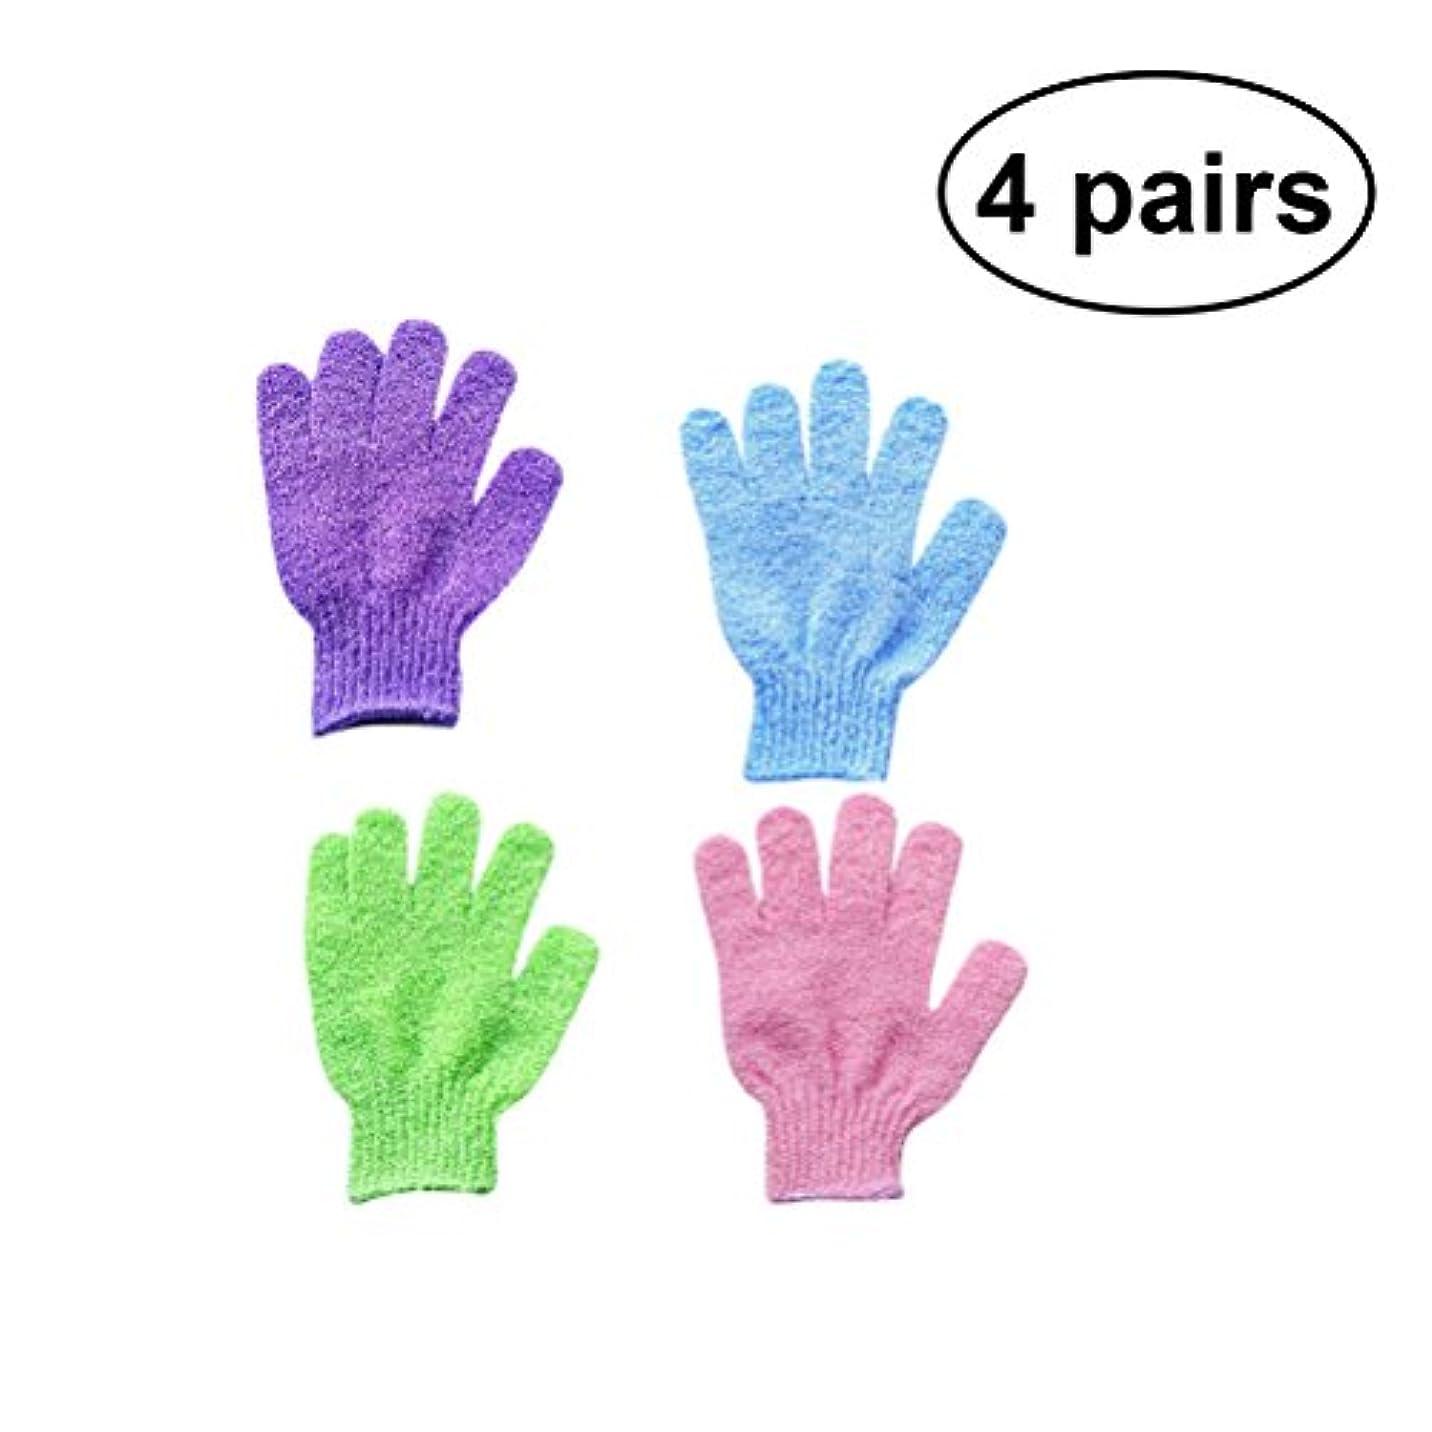 人気求めるミスペンドHealifty 4 Pairs Exfoliating Bath Gloves Shower Mitts Exfoliating Body Spa Massage Dead Skin Cell Remover